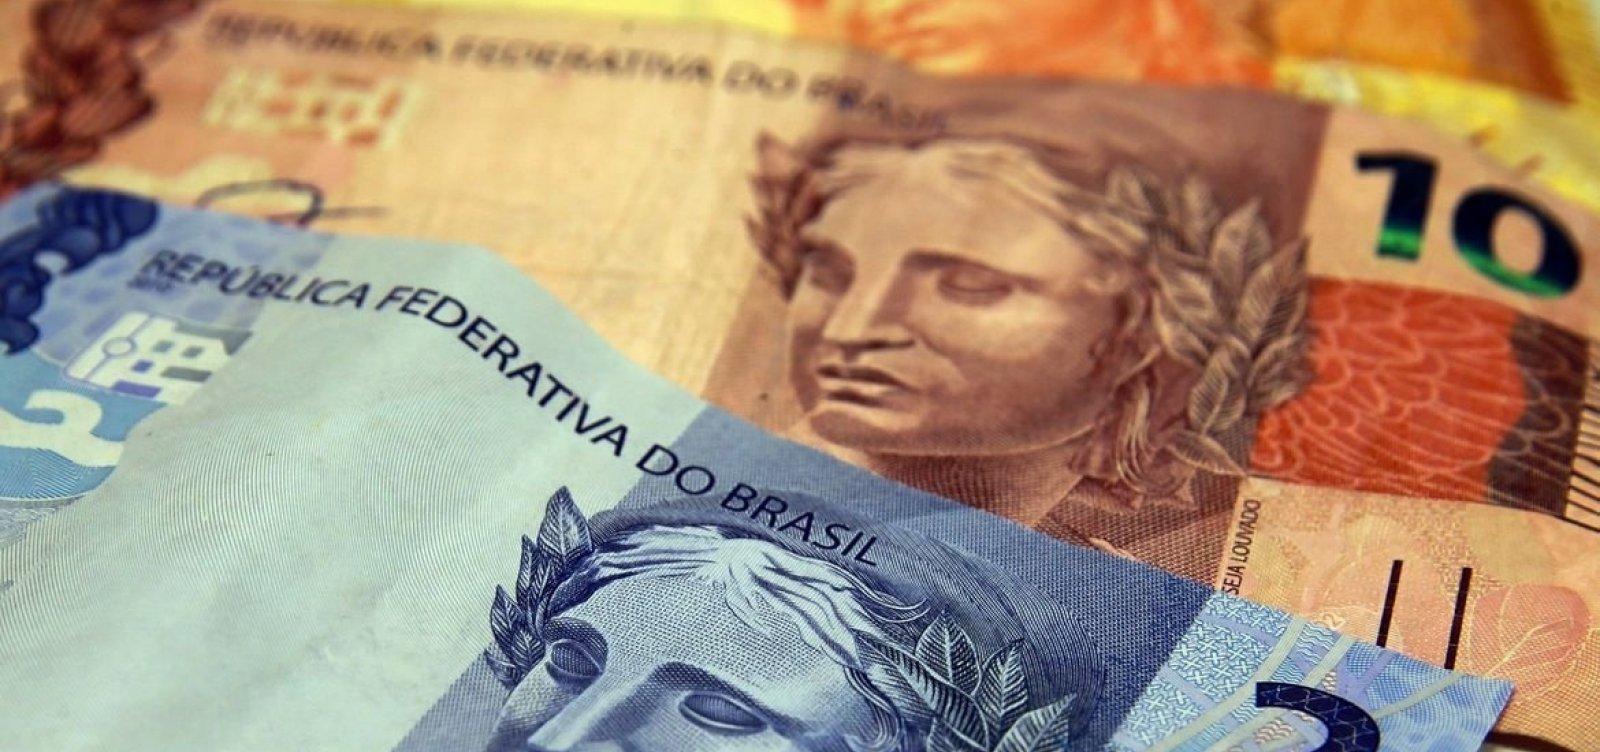 Pronampe liberou cerca de R$ 17 bilhões, equivalente a 68% do total previsto para 2021